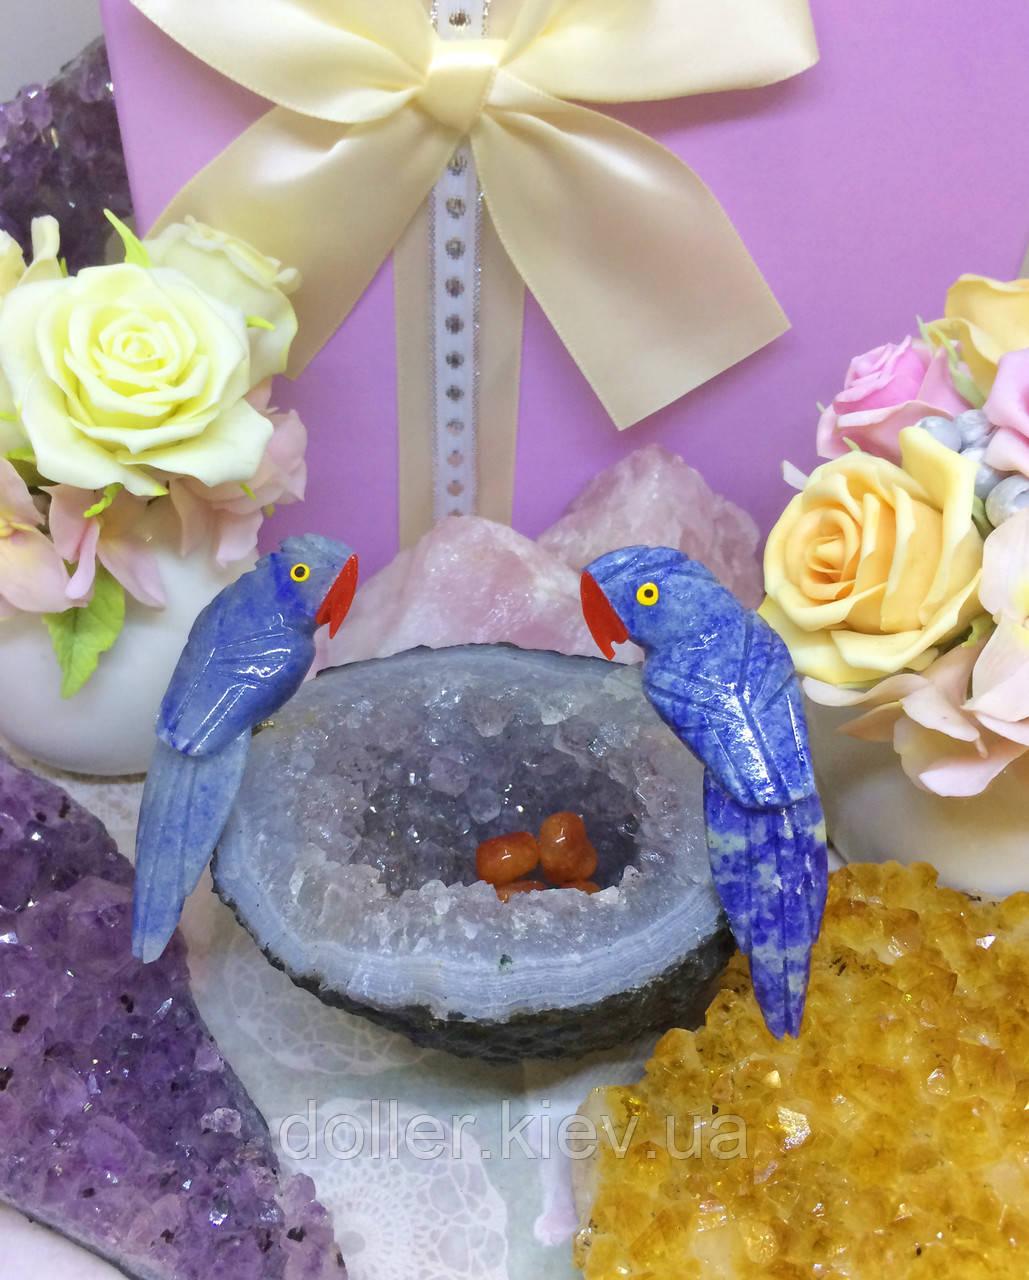 Птички-неразлучники, попугаи из натуральных самоцветов